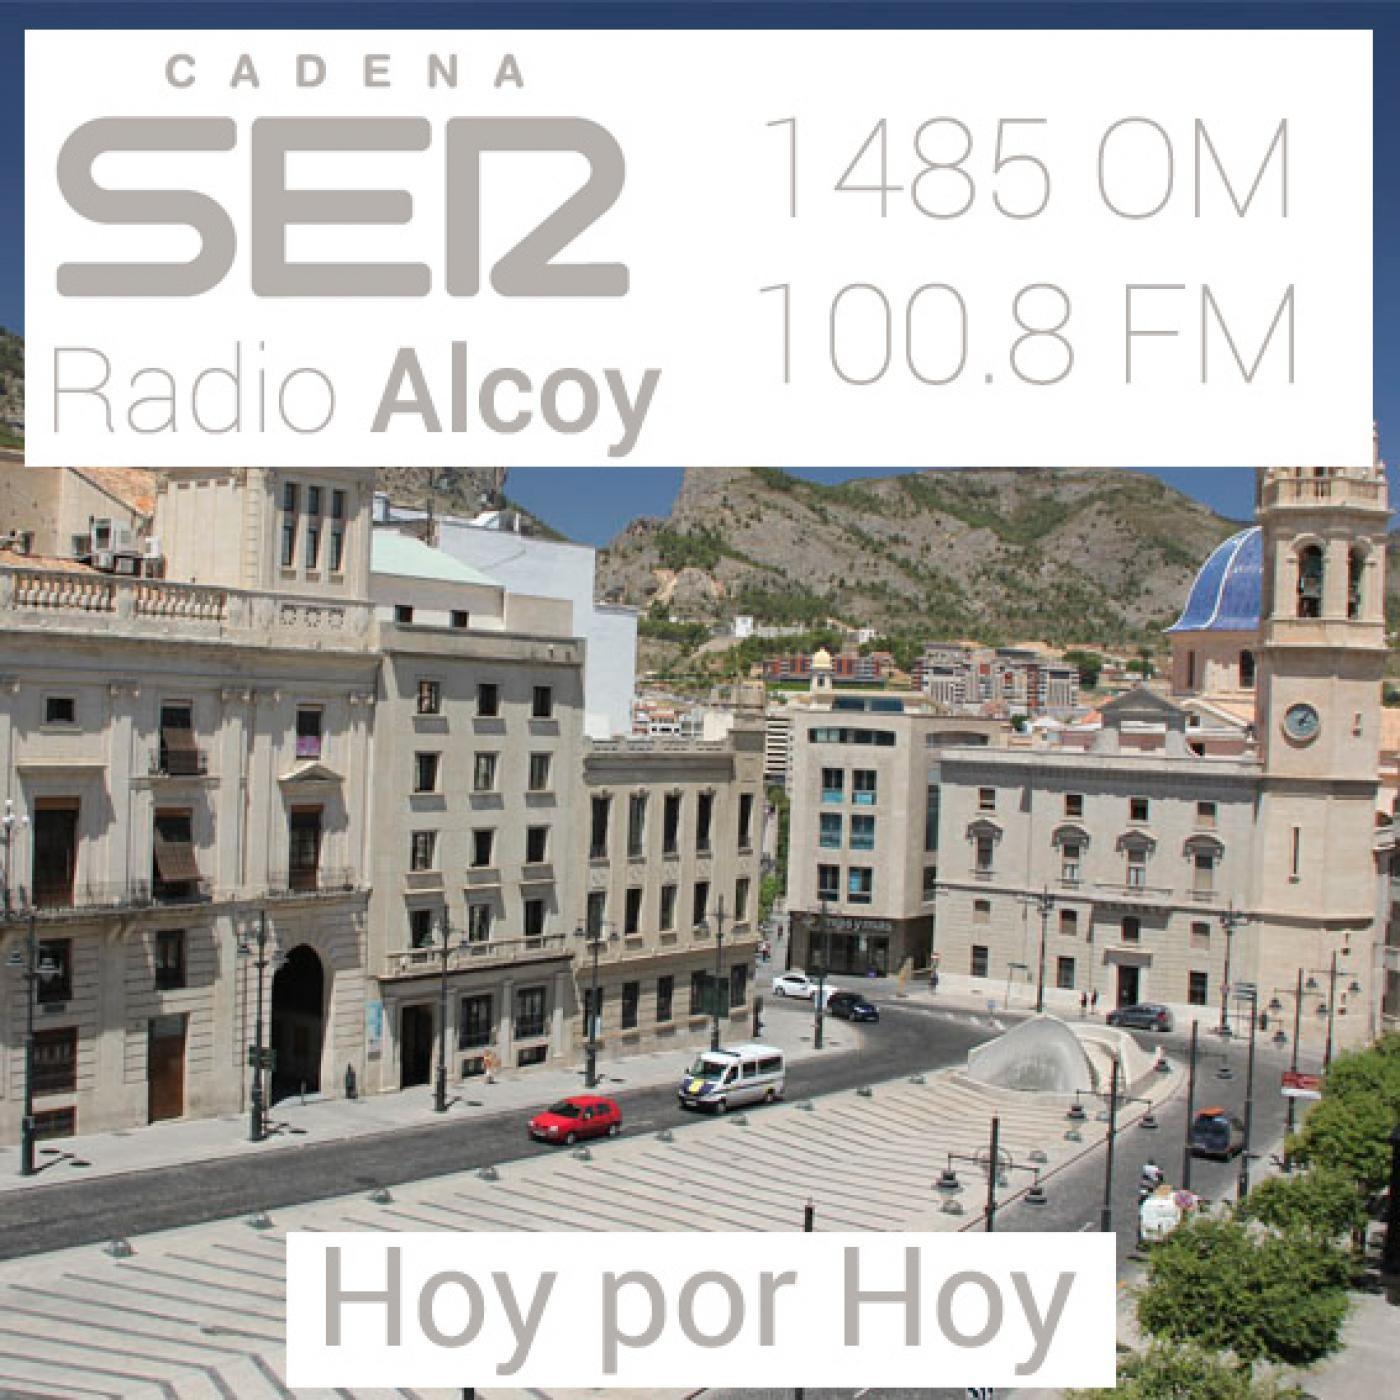 <![CDATA[Hoy por hoy Alcoy 12.20]]>